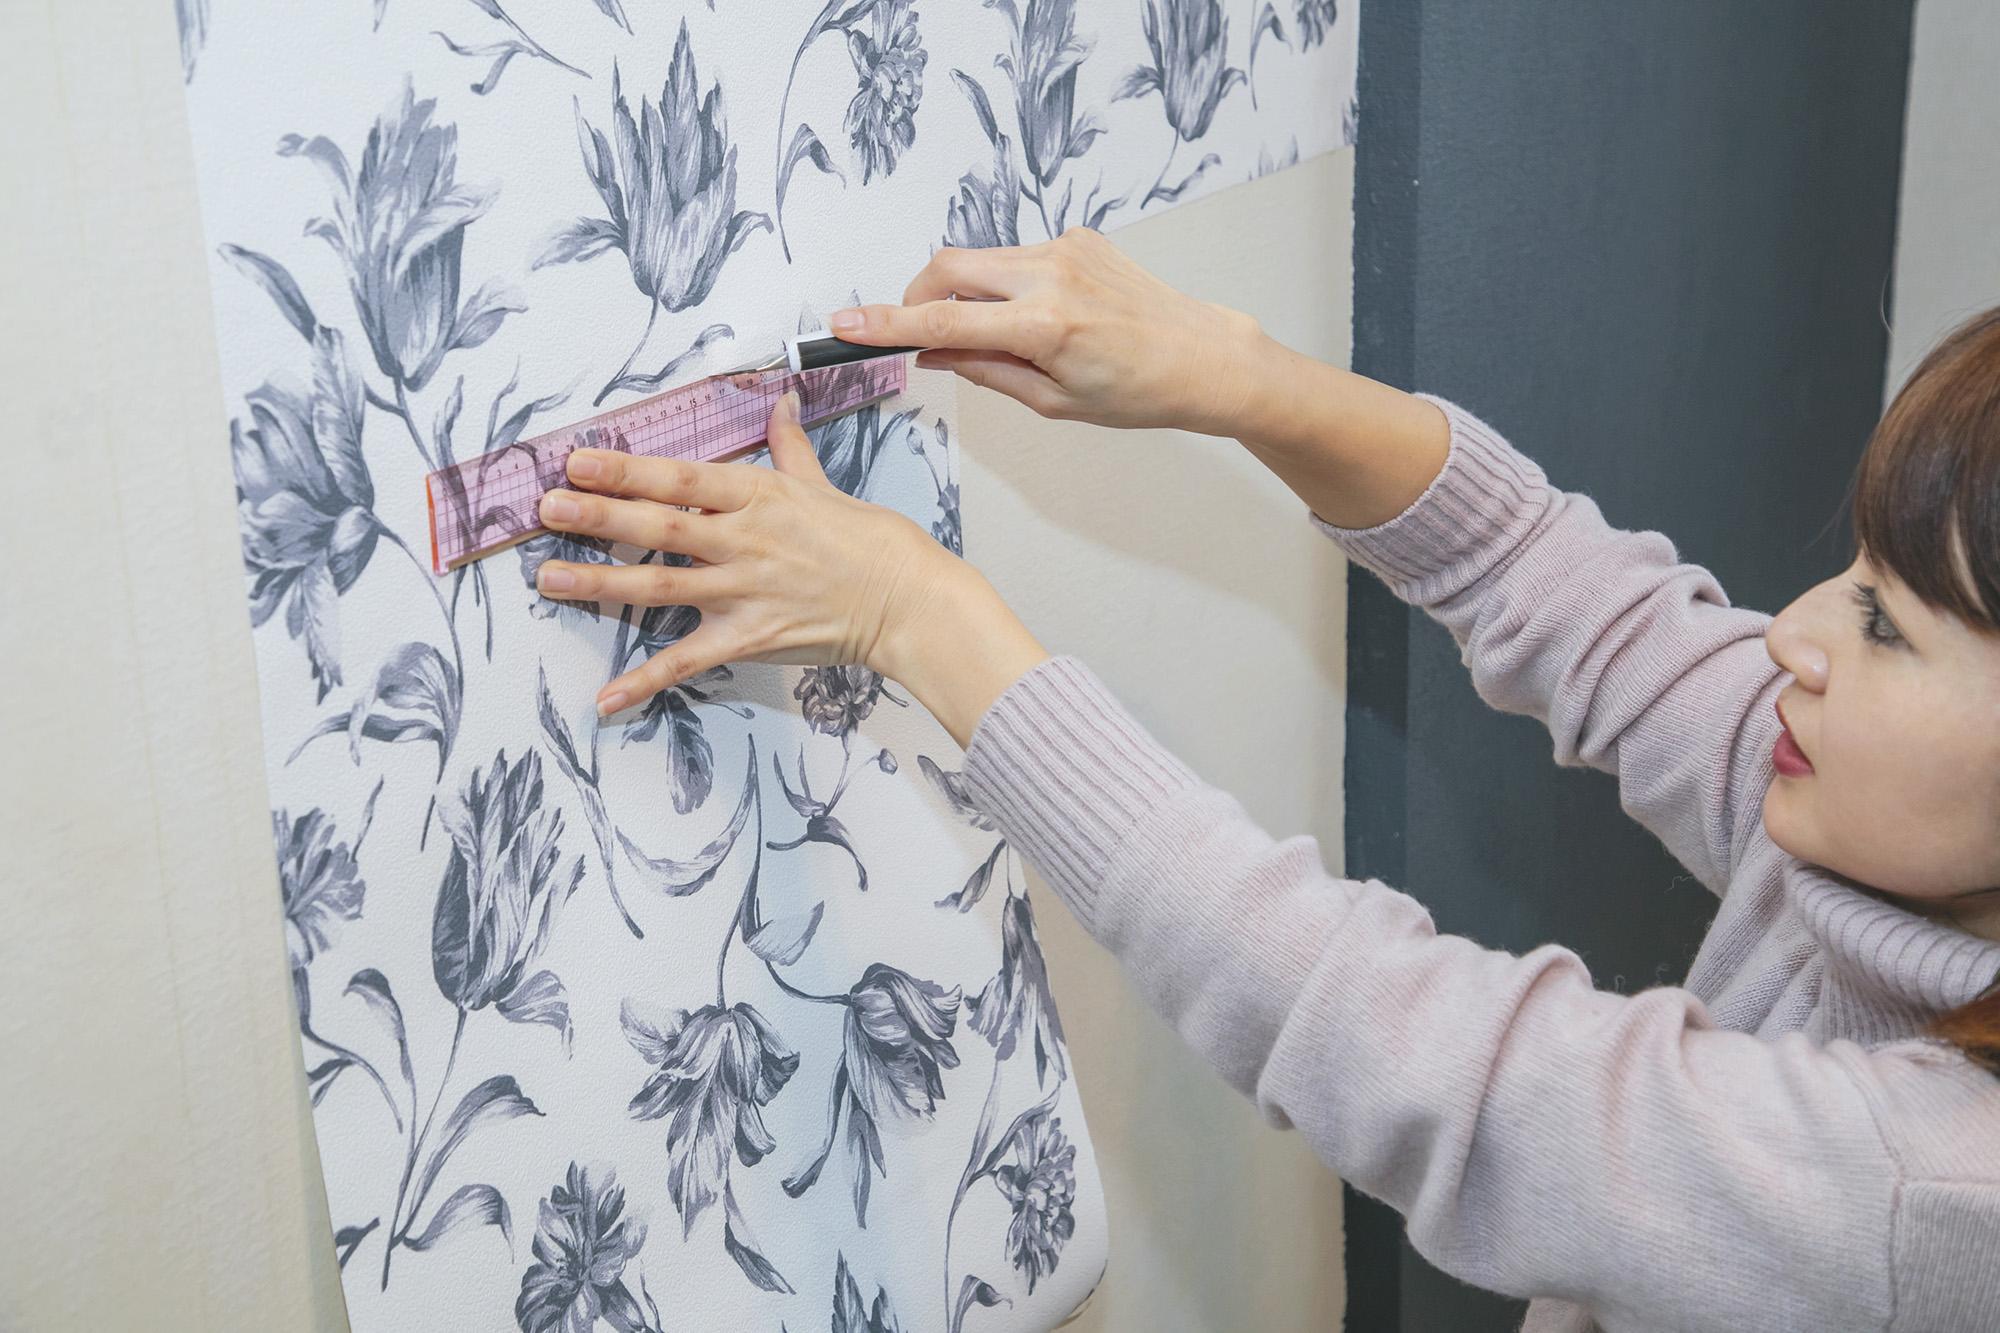 短時間で簡単にできる Francfrancの シール壁紙 で春の模様替え